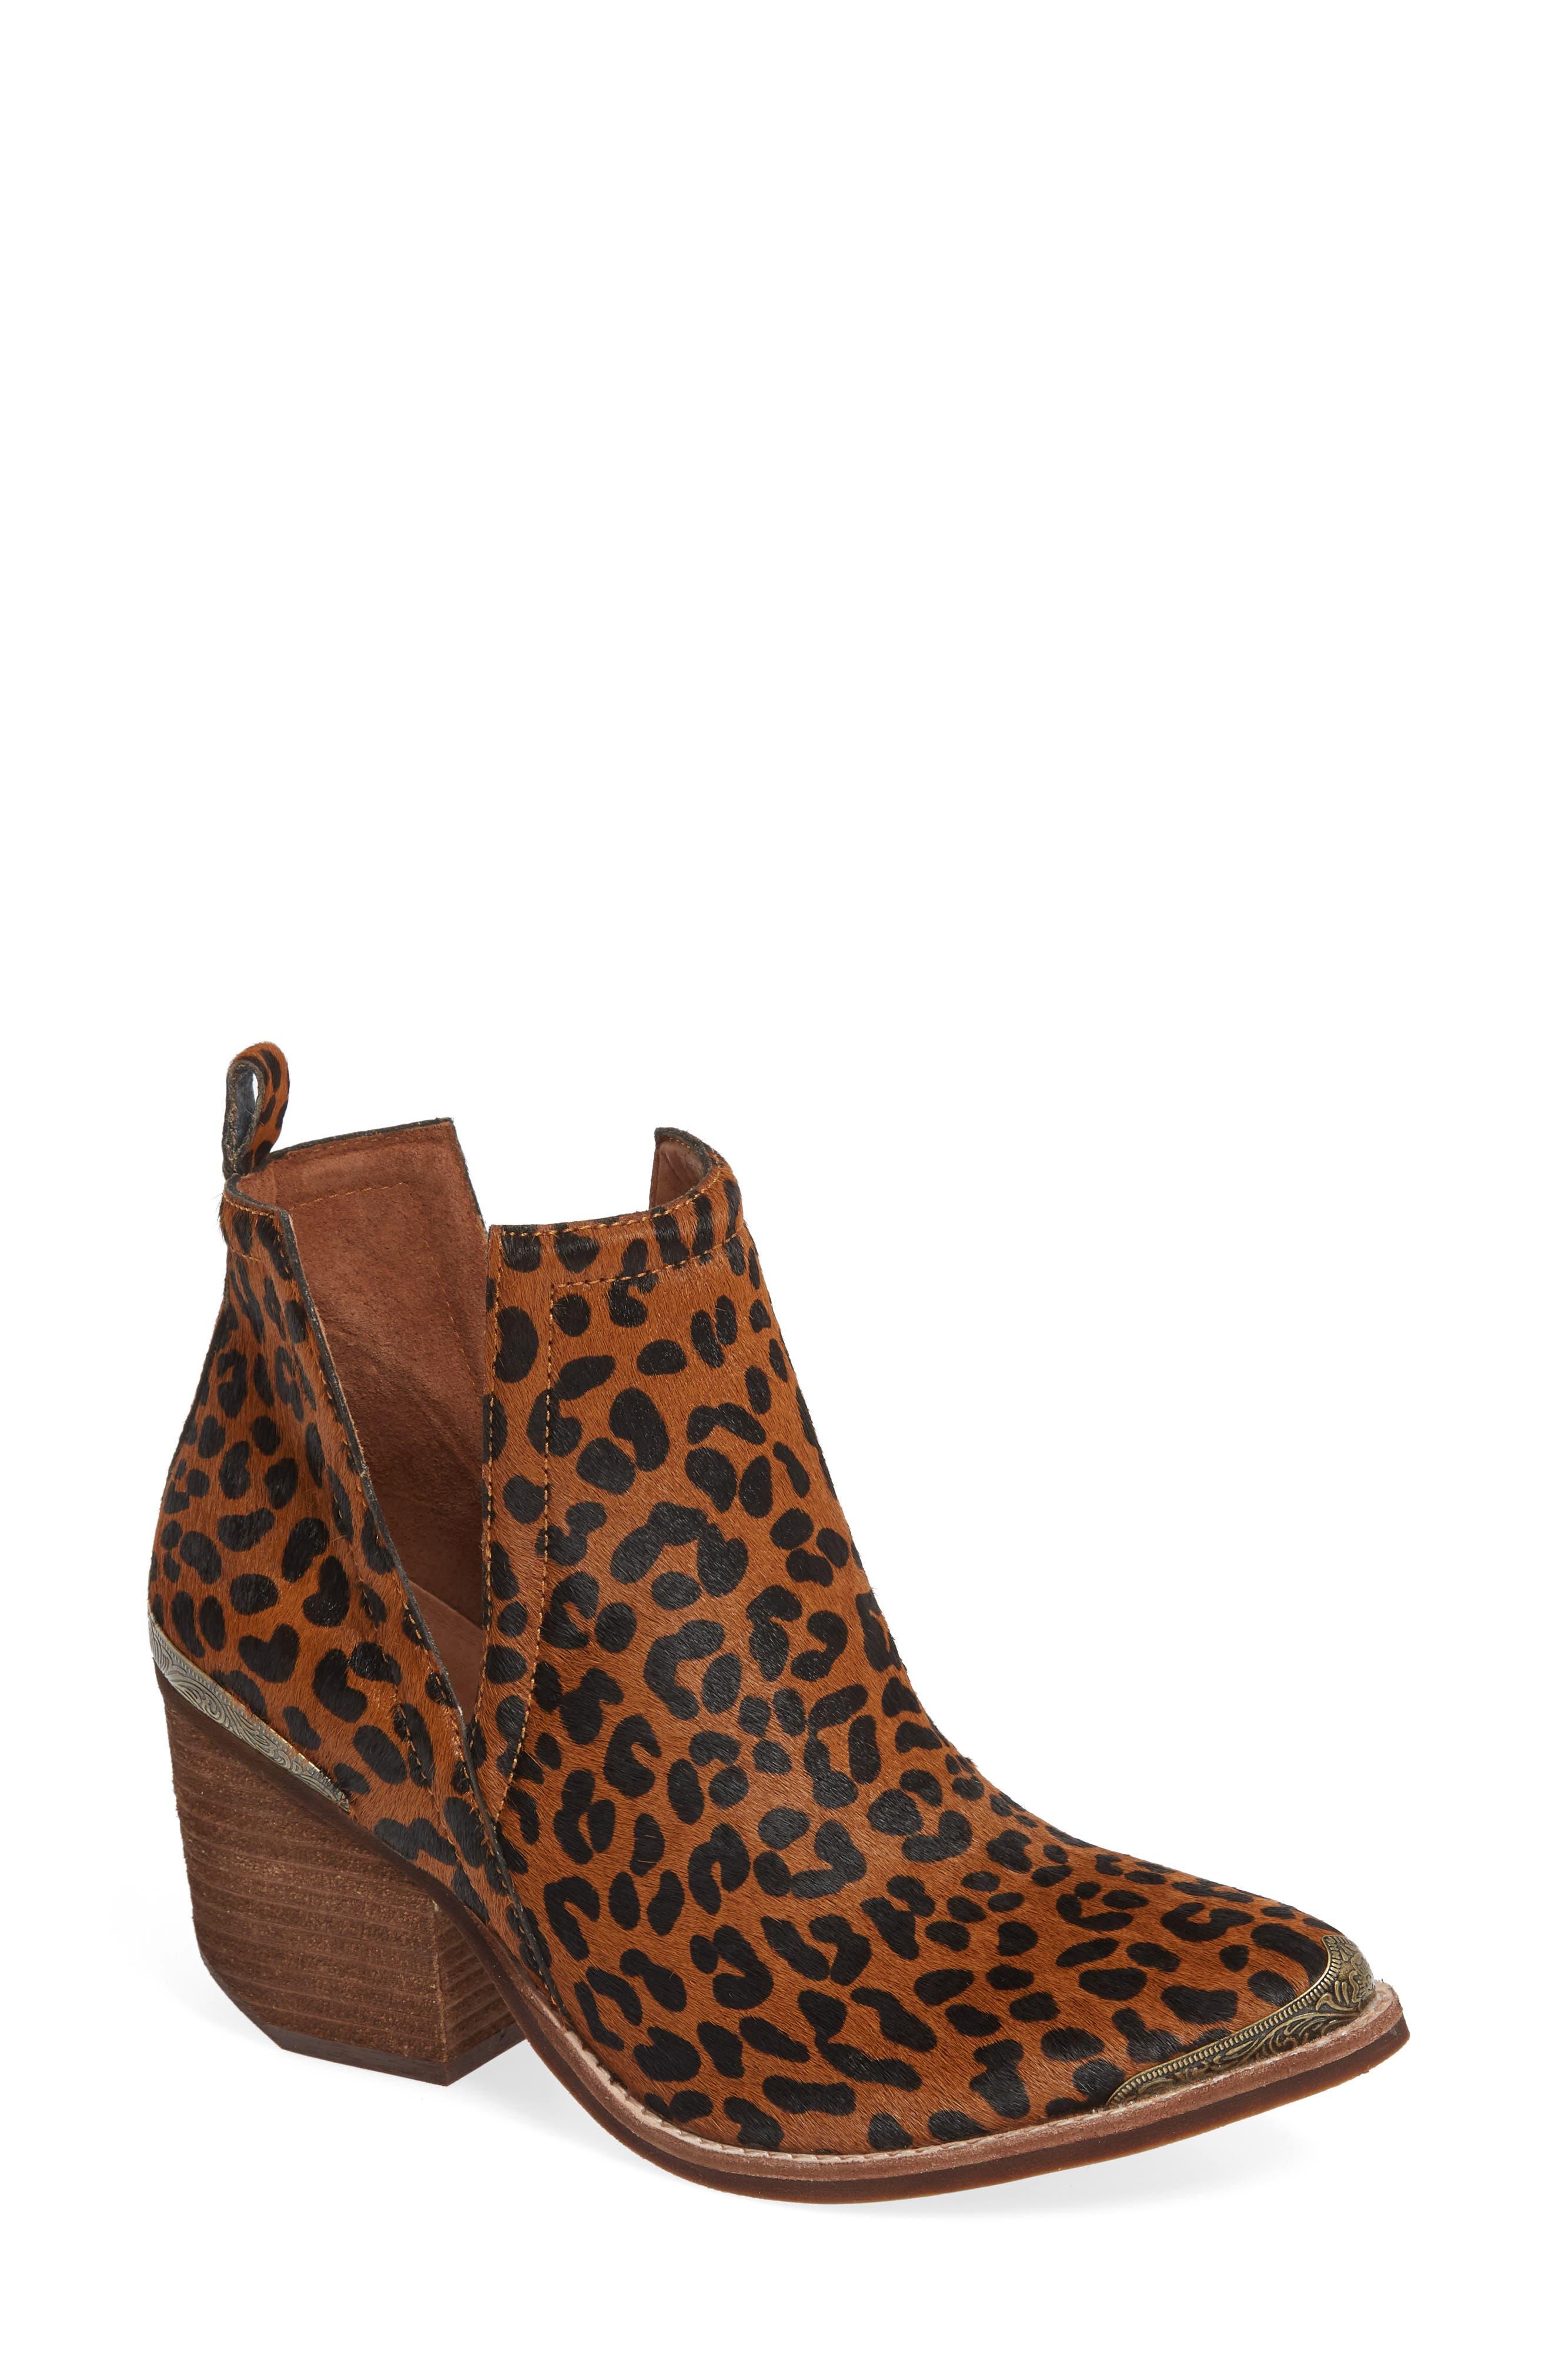 JEFFREY CAMPBELL, Cromwell Cutout Genuine Calf Hair Western Boot, Main thumbnail 1, color, BROWN CHEETAH CALF HAIR